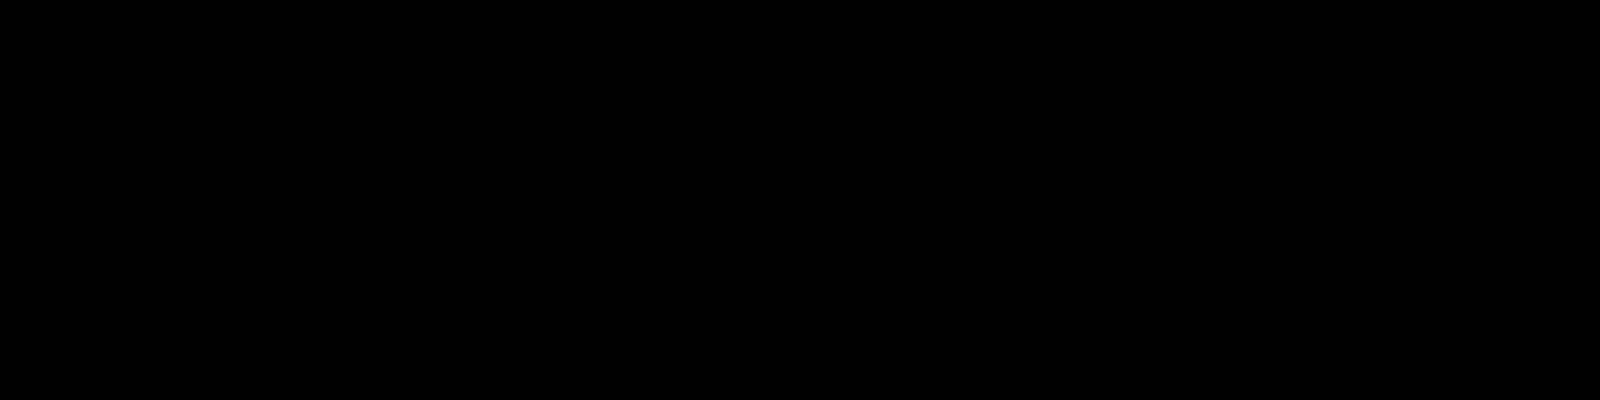 Toumei